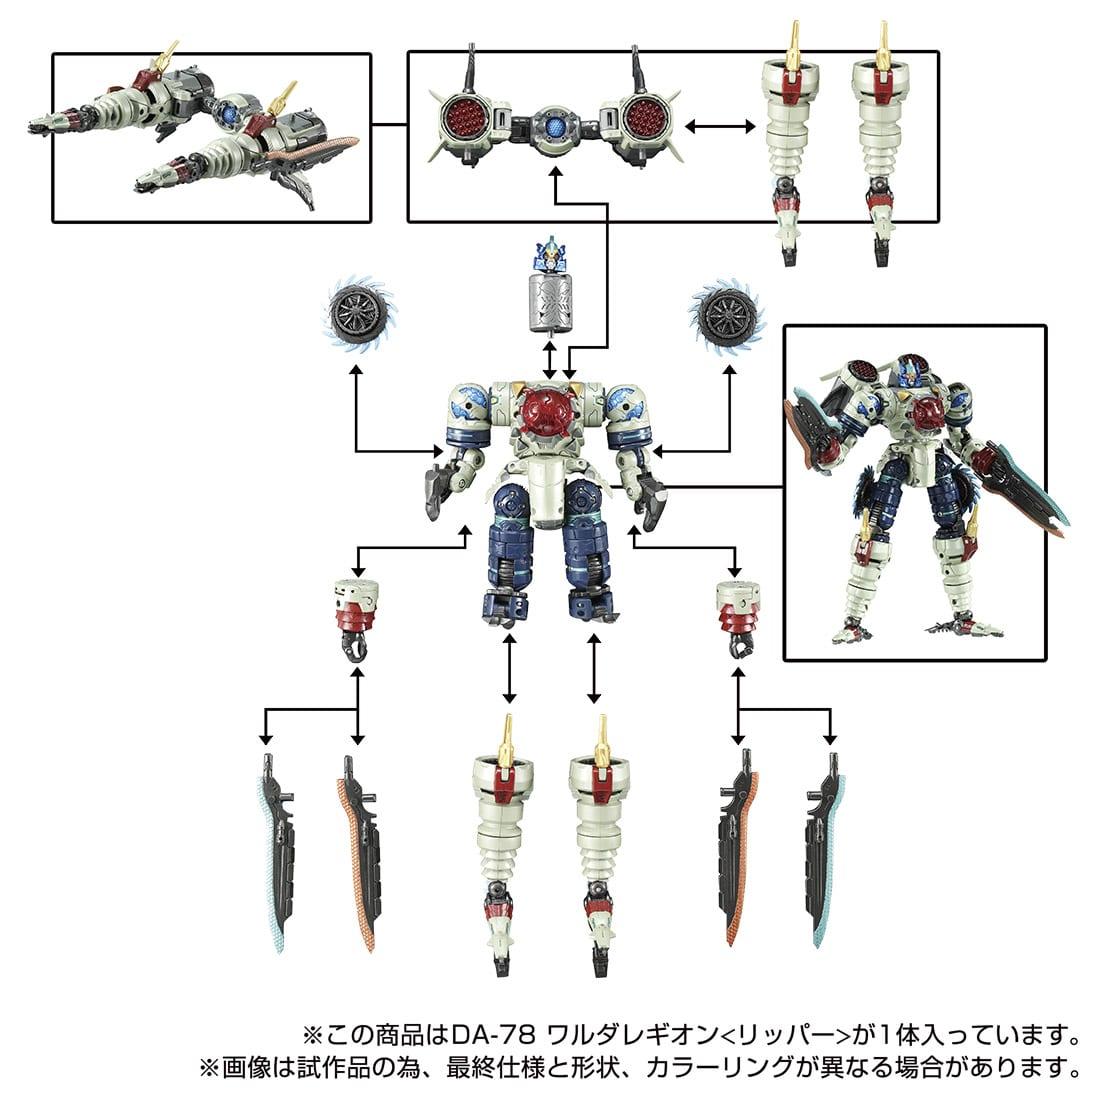 ダイアクロン『DA-78 ワルダレギオン〈リッパー〉』可変可動フィギュア-003